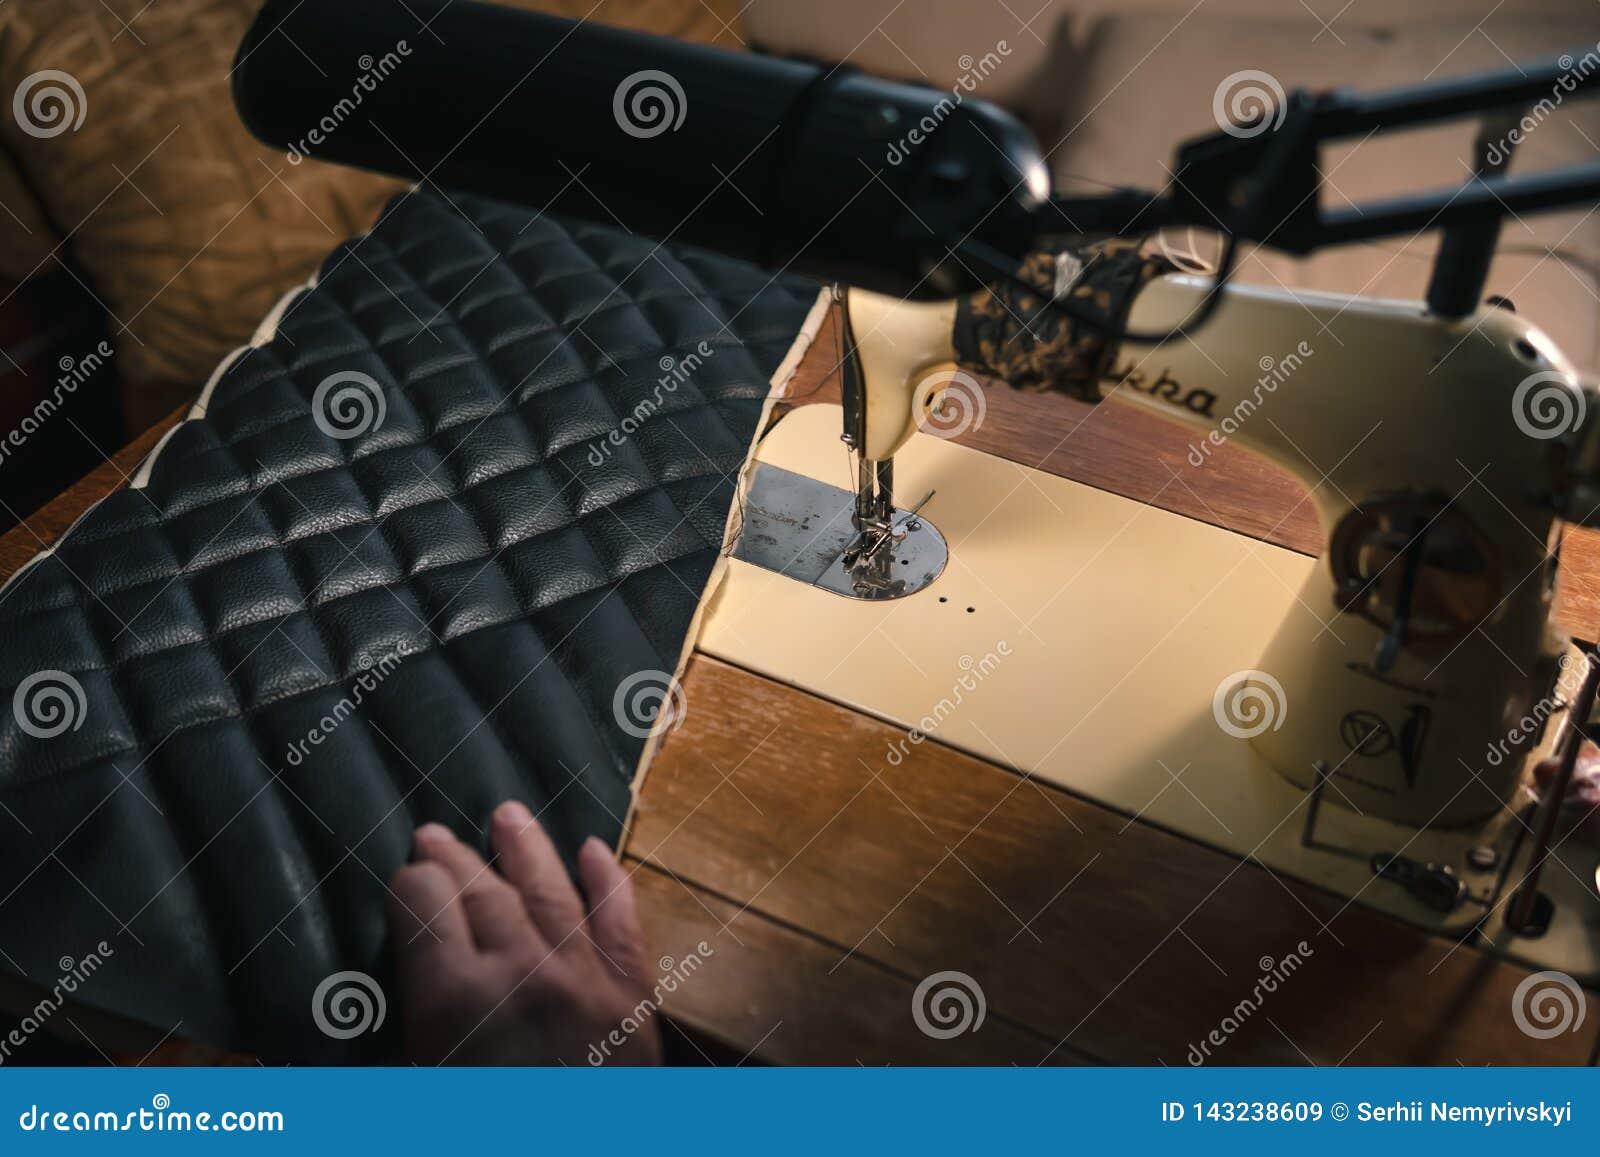 Nähender Prozess des Ledergürtels die Hände des alten Mannes hinter dem Nähen Lederne Werkstatt Textilweinlesenähen industriell